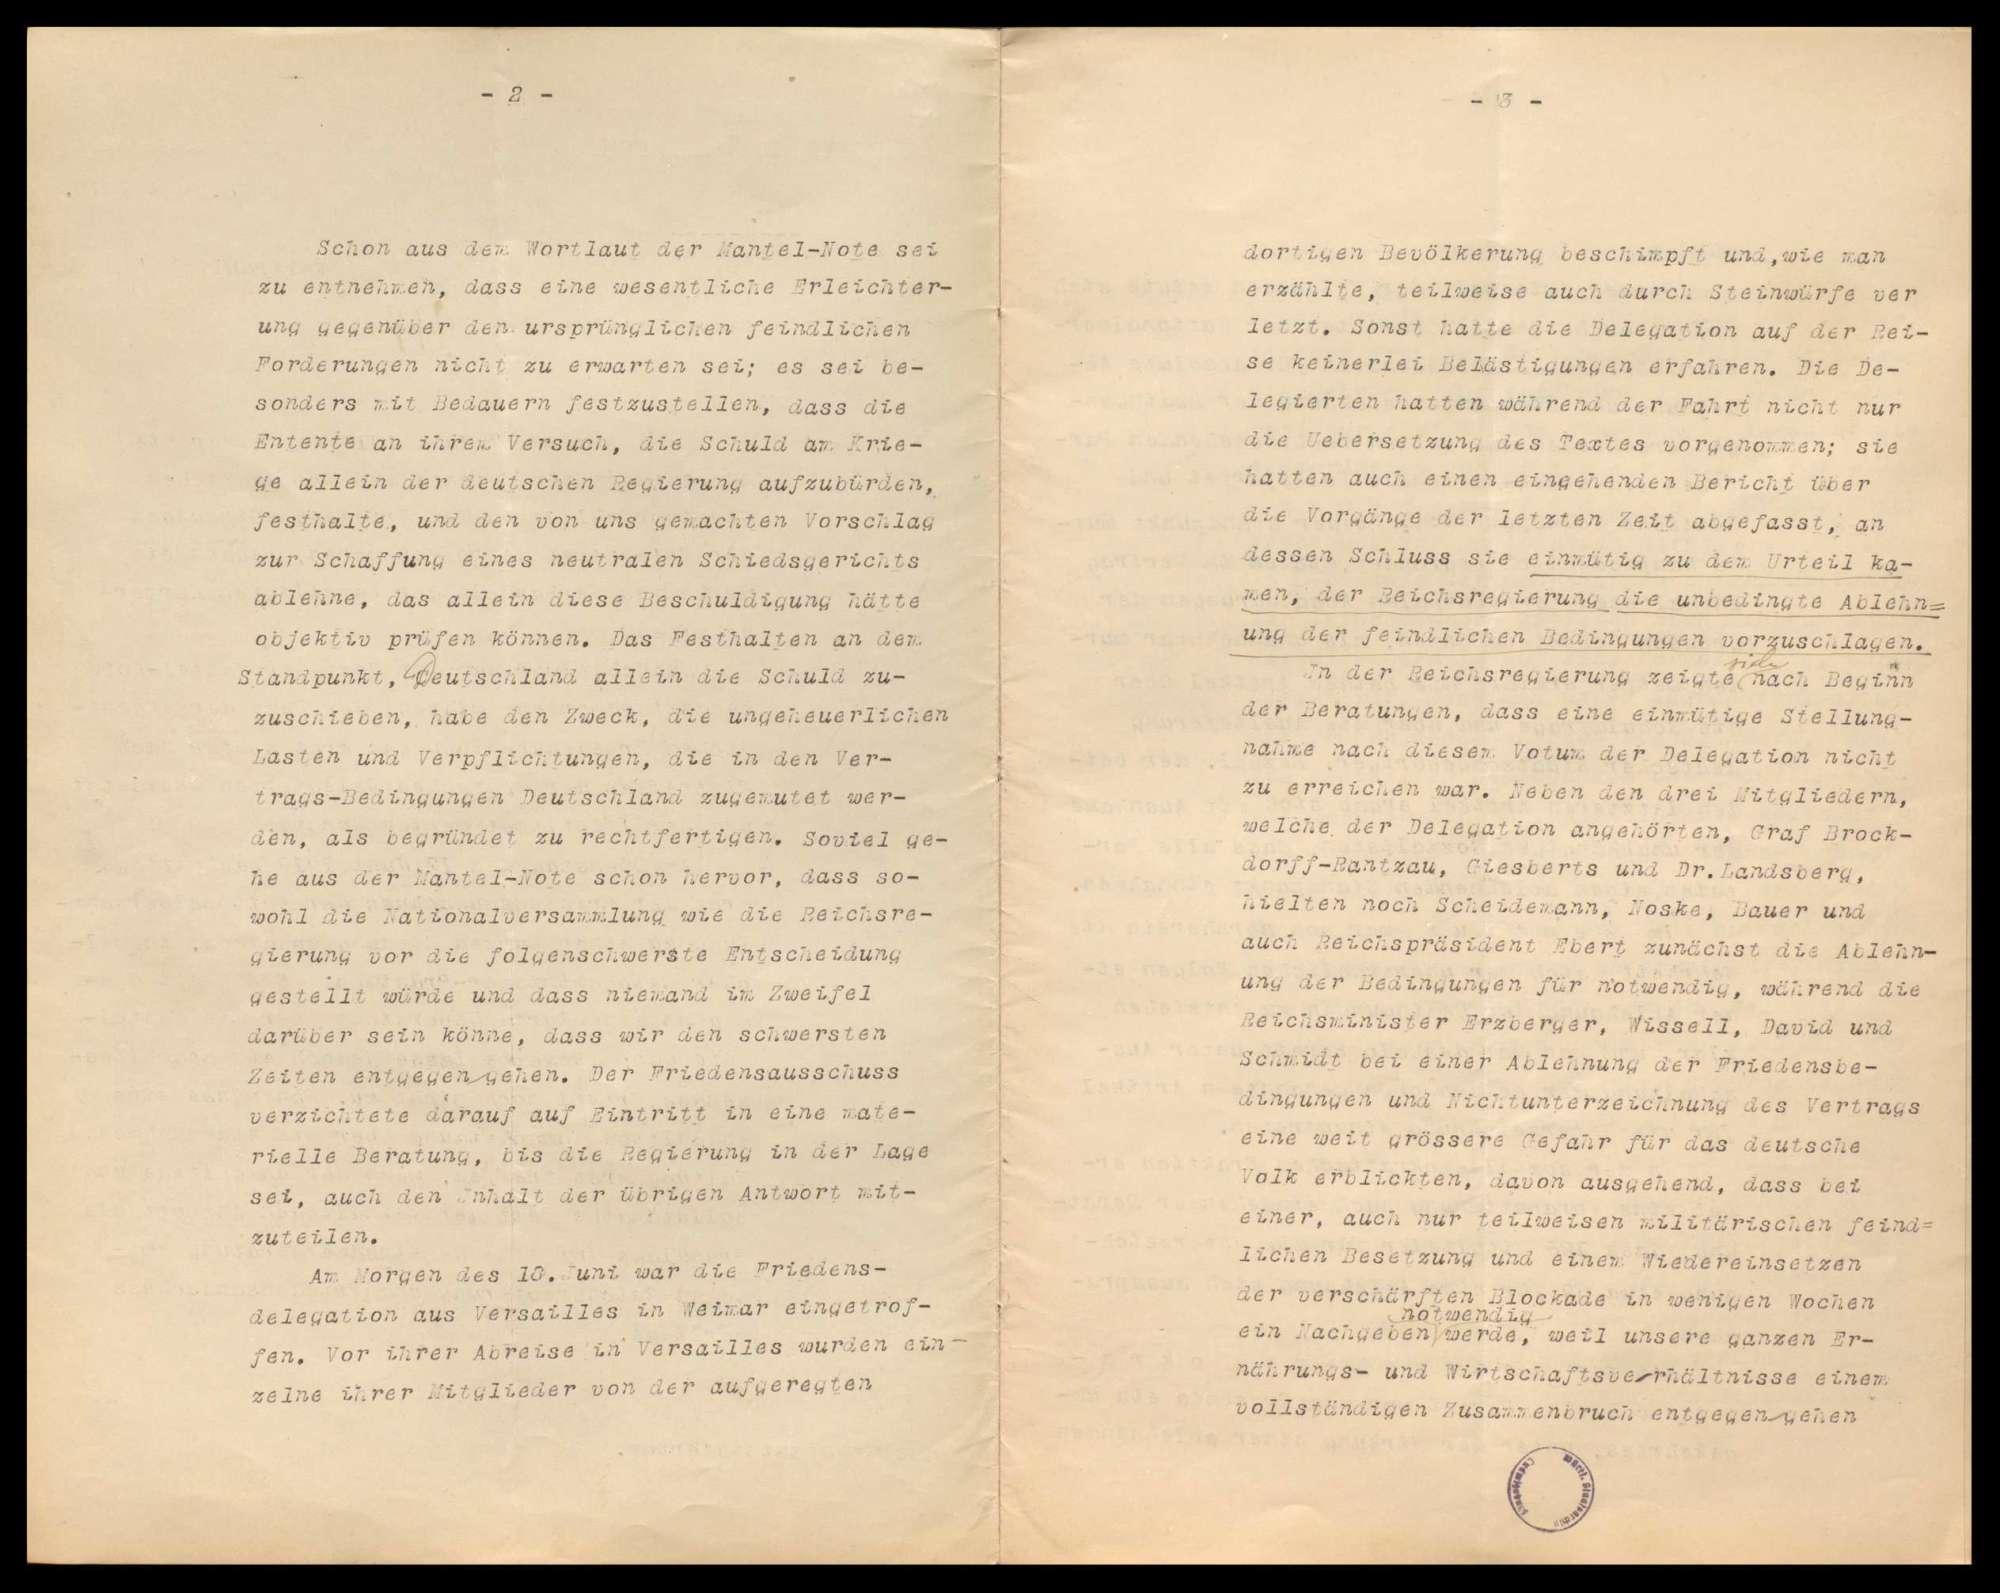 Friedensvertragsverhandlungen in Versailles, Friedensbedingungen, besetztes deutsches Gebiet, Verhandlungen wegen Verkaufs und Einfuhr von Rohstoffen nach Deutschland, Bild 2